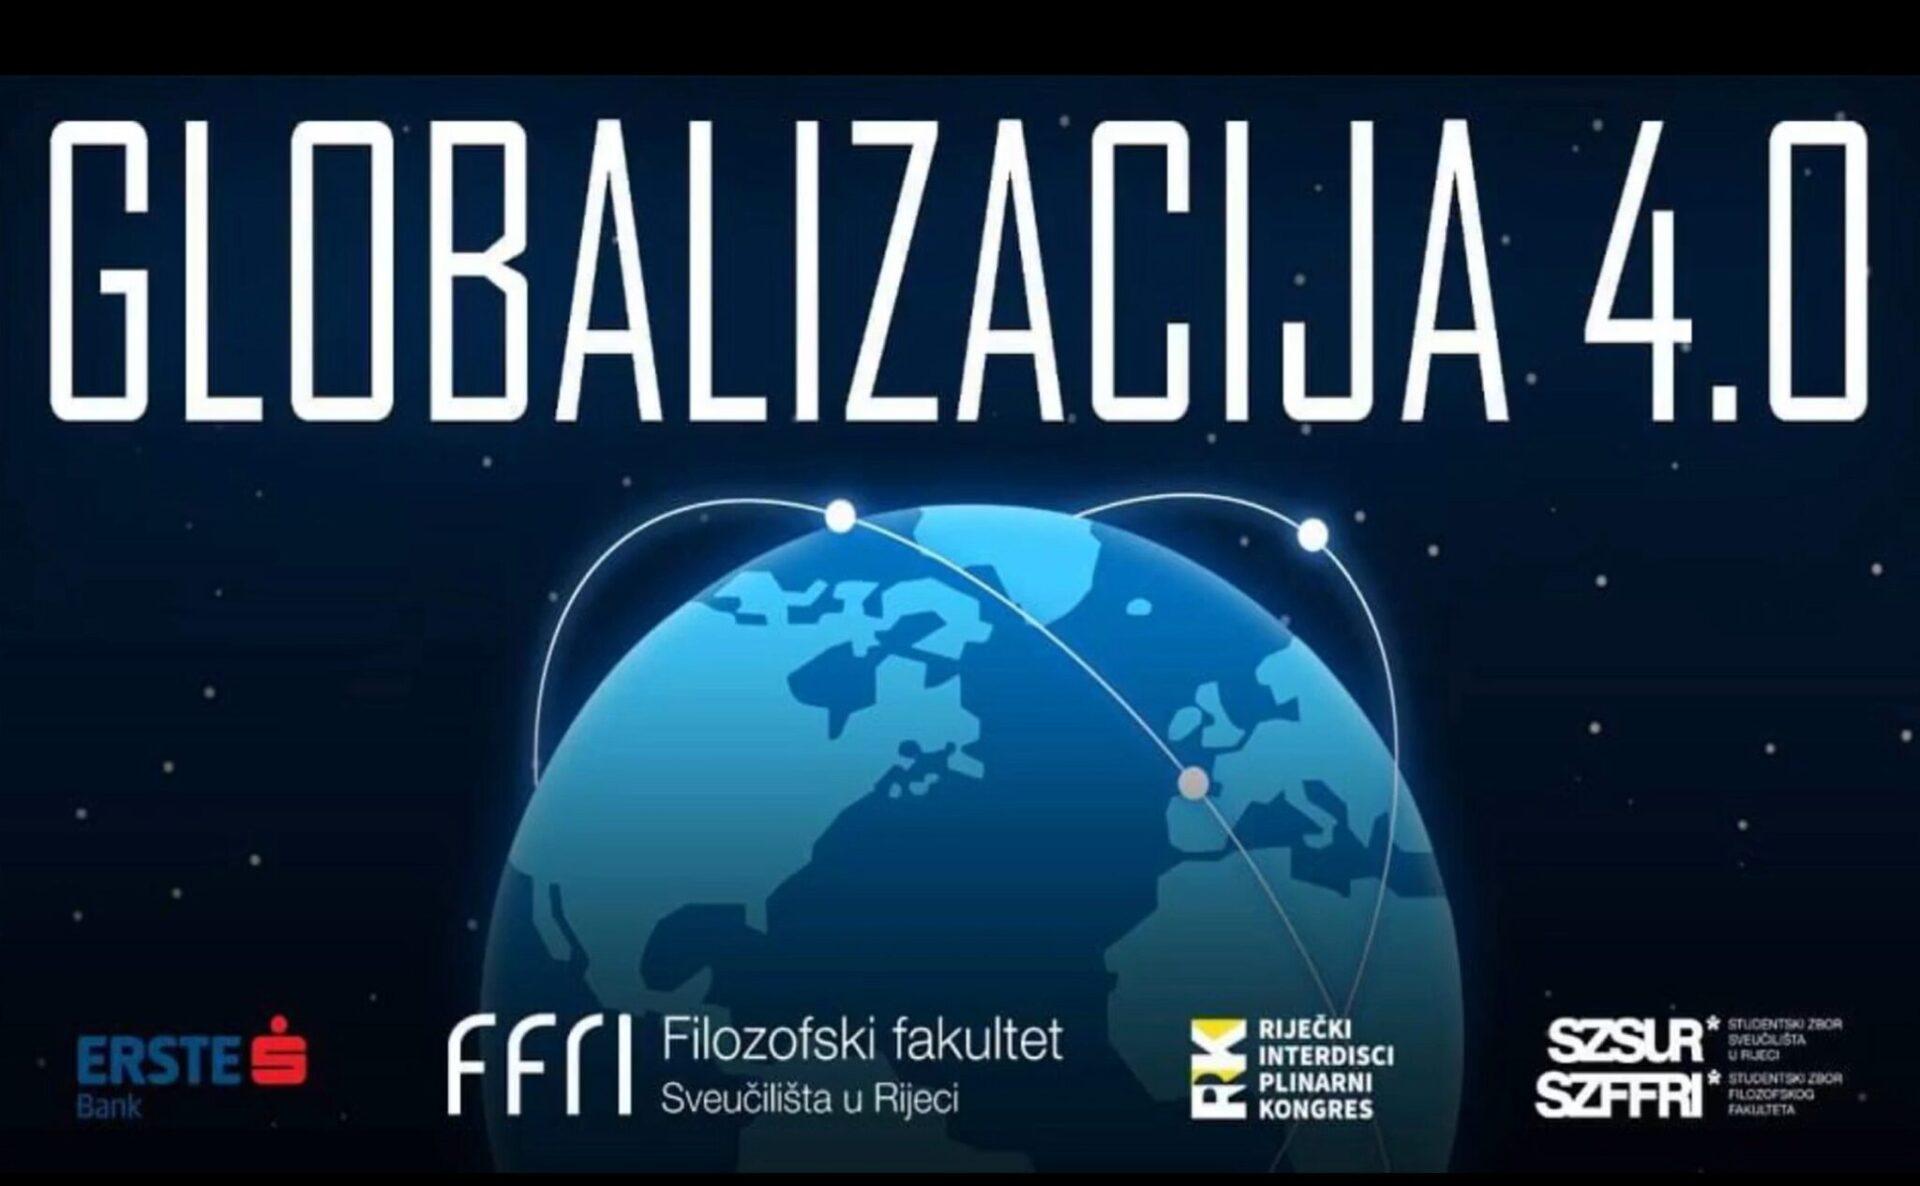 Globalizacija 4.0 FFRI